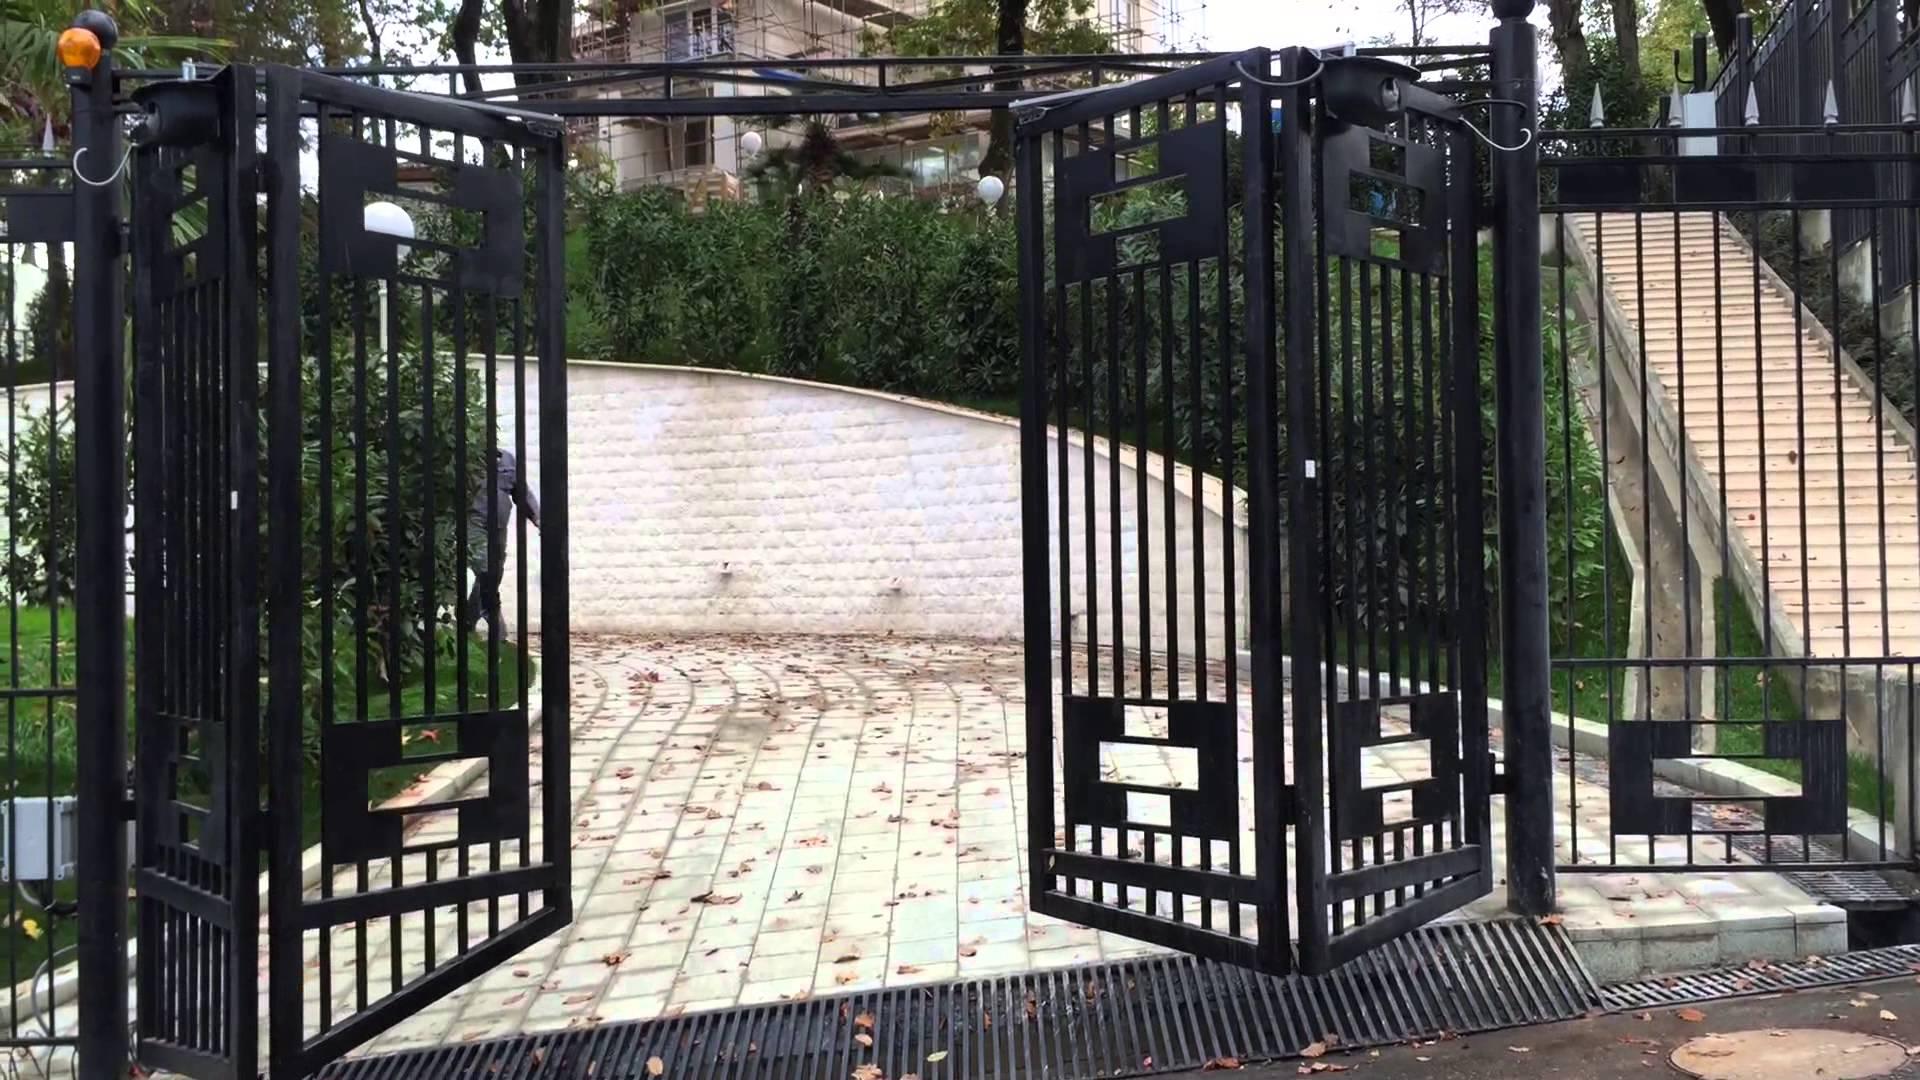 Cкладывающиеся ворота «гармошка» делают фасад привлекательнее.